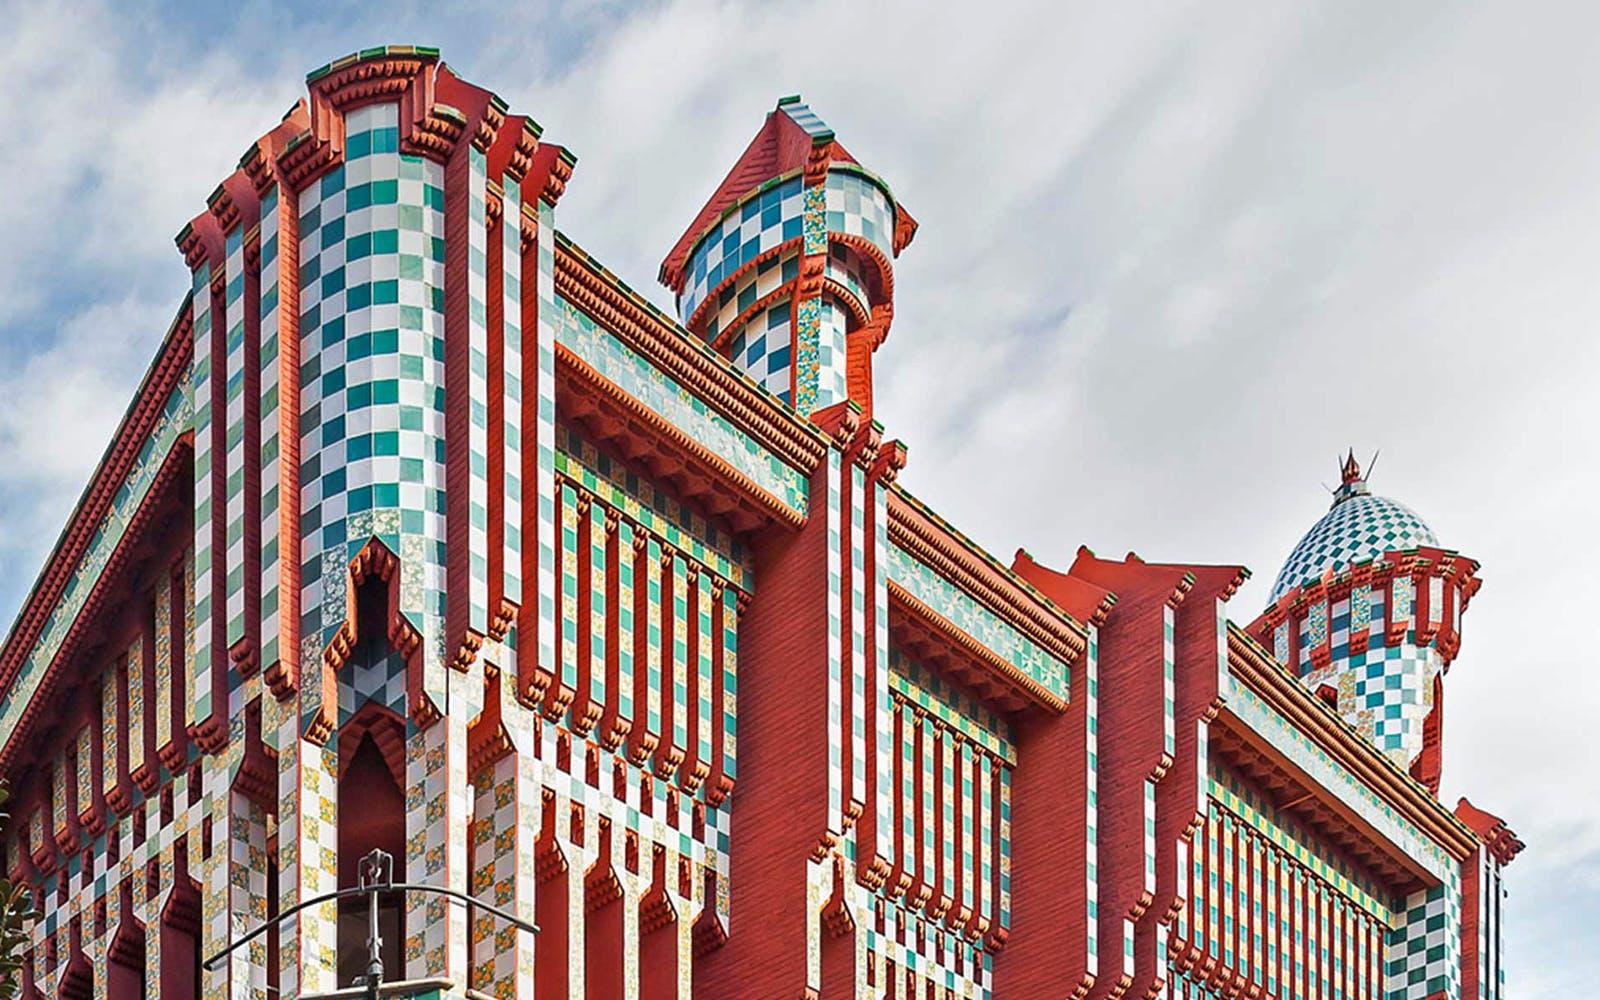 gaudi barcelona architecture